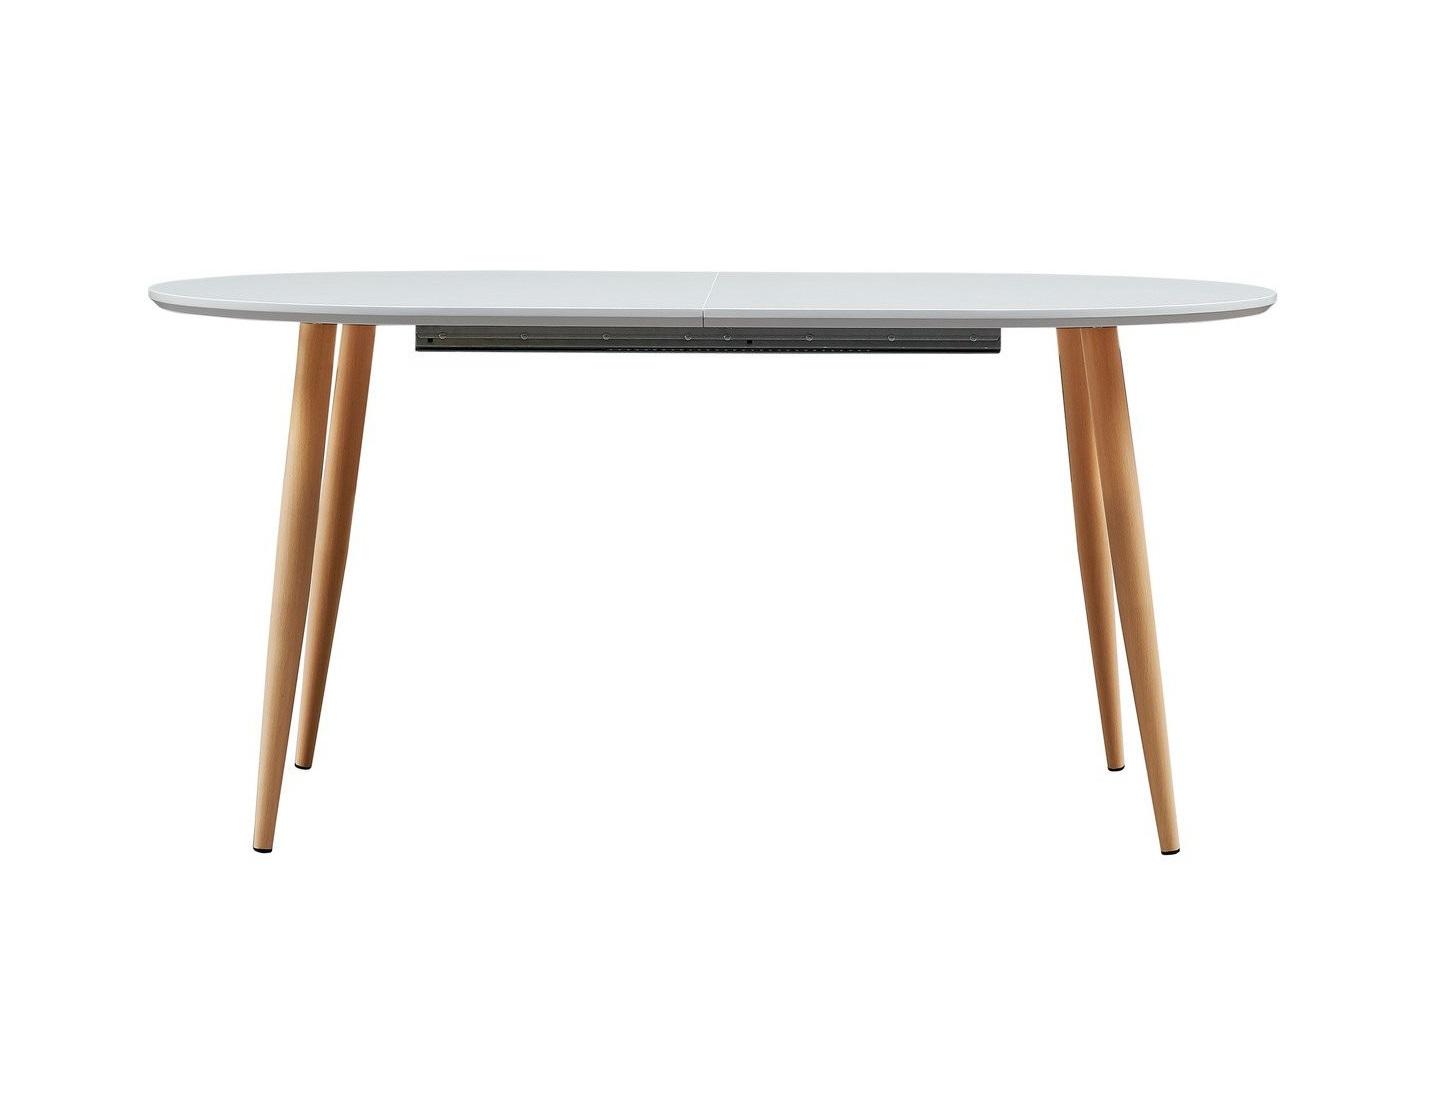 СтолОбеденные столы<br>Ширина в разобранном состоянии : 220 см<br><br>Material: Дерево<br>Ширина см: 160<br>Высота см: 76<br>Глубина см: 90